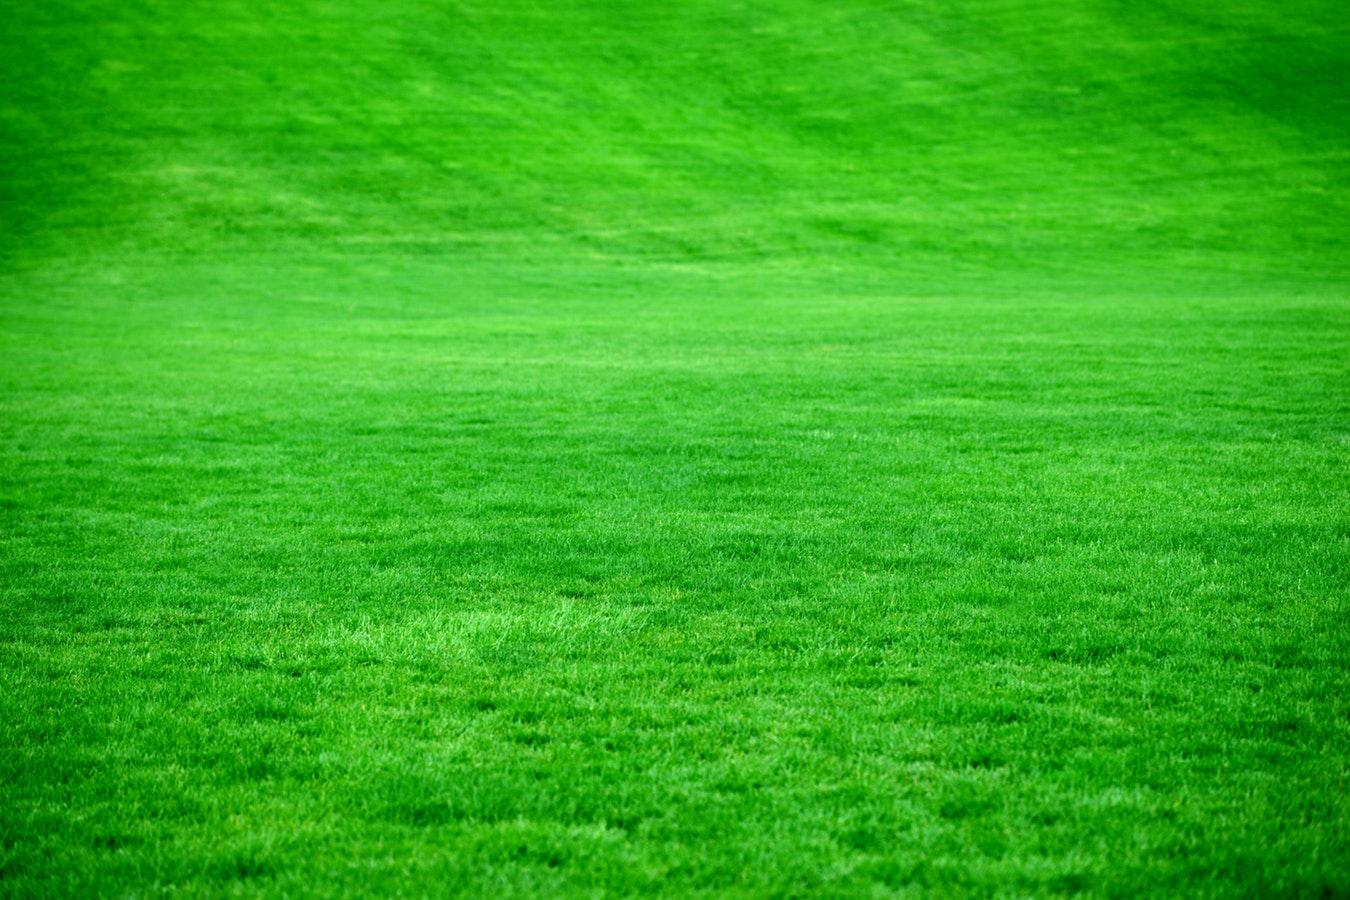 Topdressing til en grønnere græsplæne